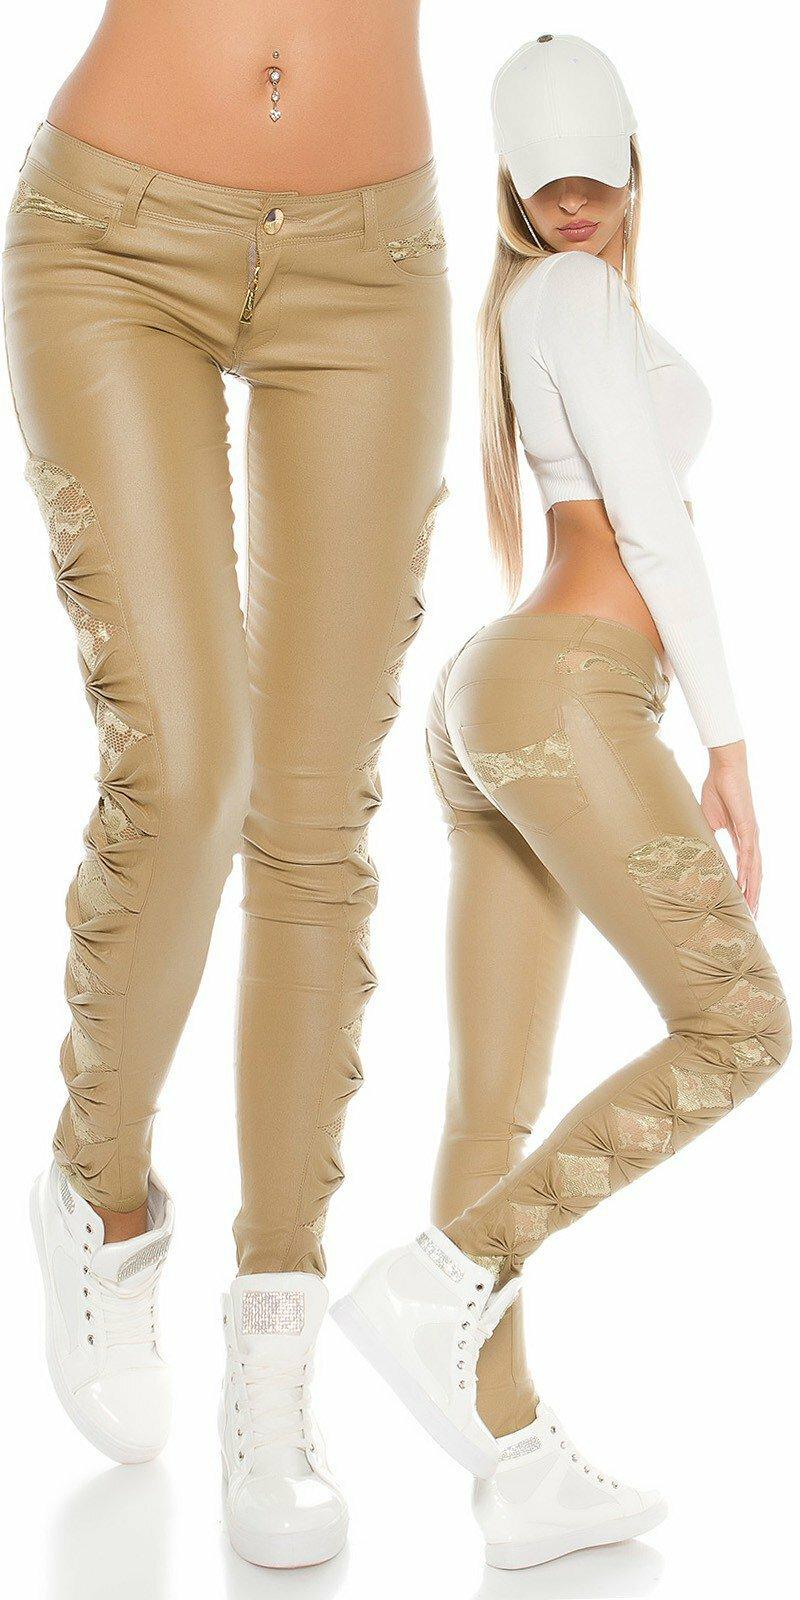 0a4eee6b074b KouCla dámske nohavice koženého vzhľadu s čipkou po bokoch  Veľkosť S Farba  Béžová